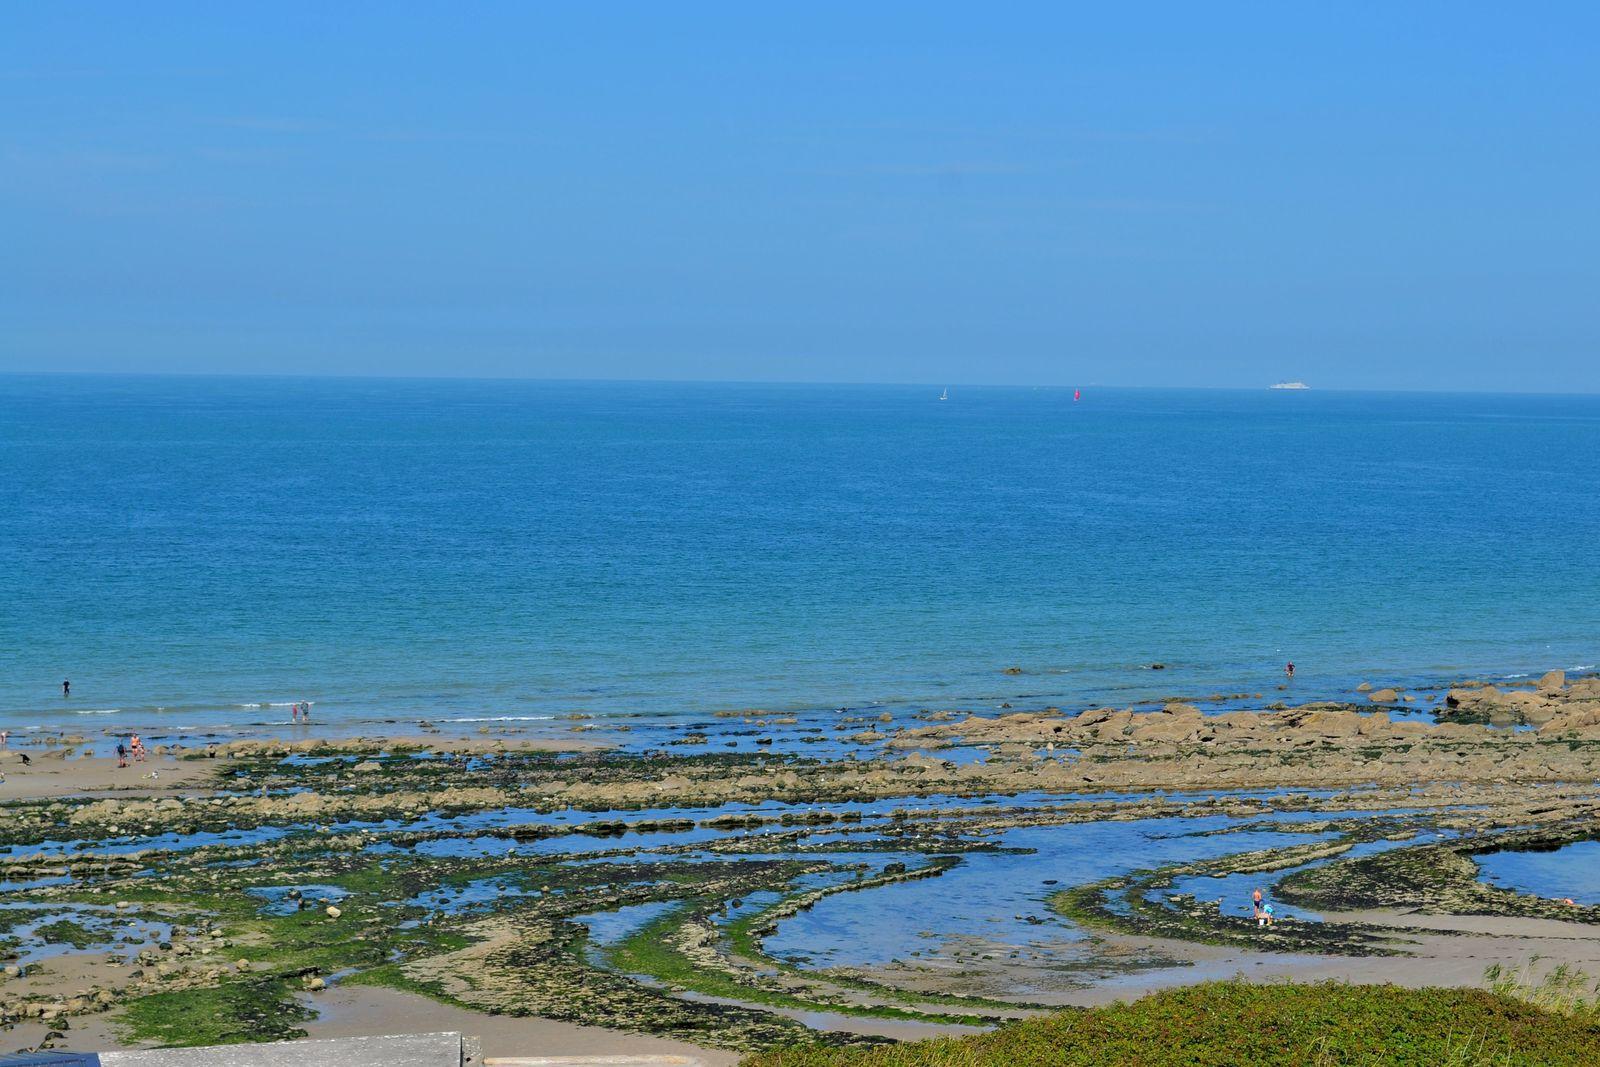 Après avoir fait un tour au Cap Gris-Nez, nous avons poussé une pointe, mon Daddy et moi, sur le sentier du GR 120 en direction du Cap Blanc-Nez, jusqu'à la Pointe de la Courte Dune, d'où il y a une vue magnifique sur la Baie de Wissant, qui se situe entre les deux Caps Gris-Nez et Blanc-Nez. Je rêve de faire le GR 120 (également appelé le GR du Littoral) un jour! Il s'agit d'un sentier de Grande Randonnée (comme son nom l'indique) qui longe toute la Côte d'Opale, en partant de la frontière belge jusqu'à Berck Plage pour un total de 175 kilomètres... Ou au moins de faire la partie reliant les deux Caps, mais nous n'avions pas le temps de le faire ce jour-là. Mais qu'à cela ne tienne, ce n'est que partie remise!